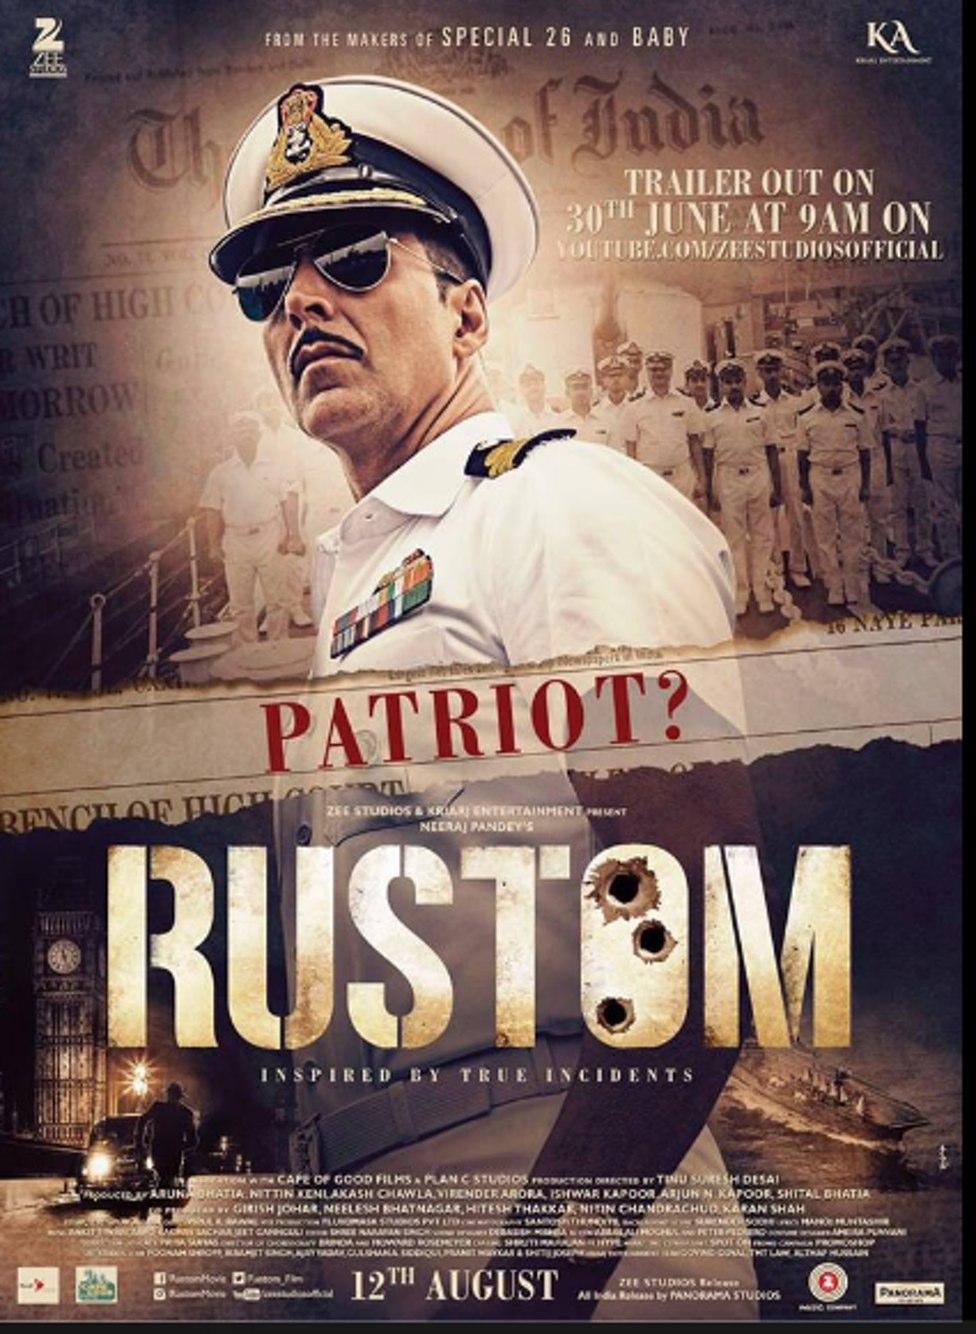 Rustom Movie Poster - Akshay Kumar - Full HD Wallpaper